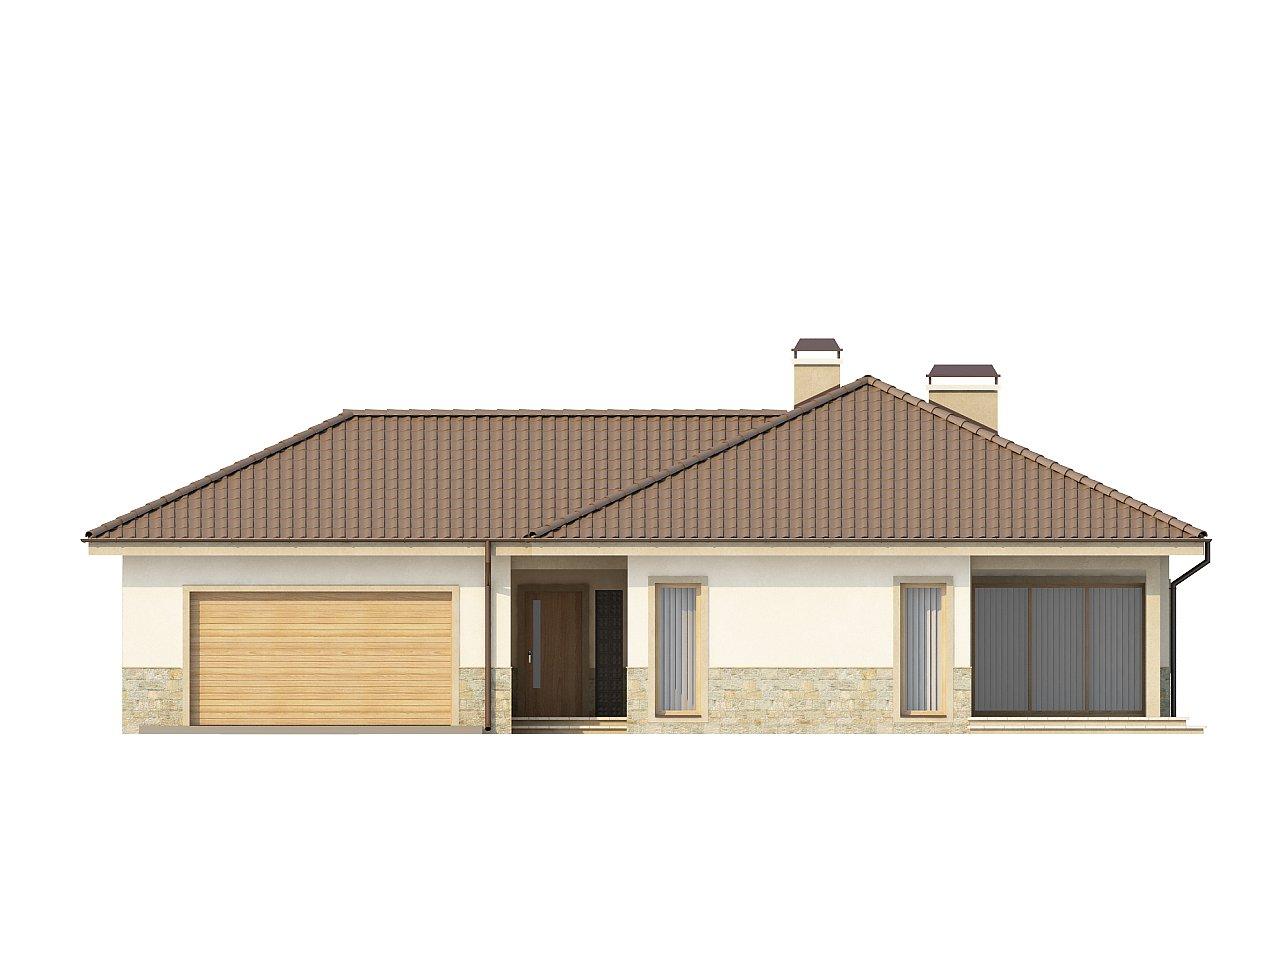 Одноэтажный дом в скандинавском стиле с дополнительной фронтальной террасой и гаражом на две машины. 3